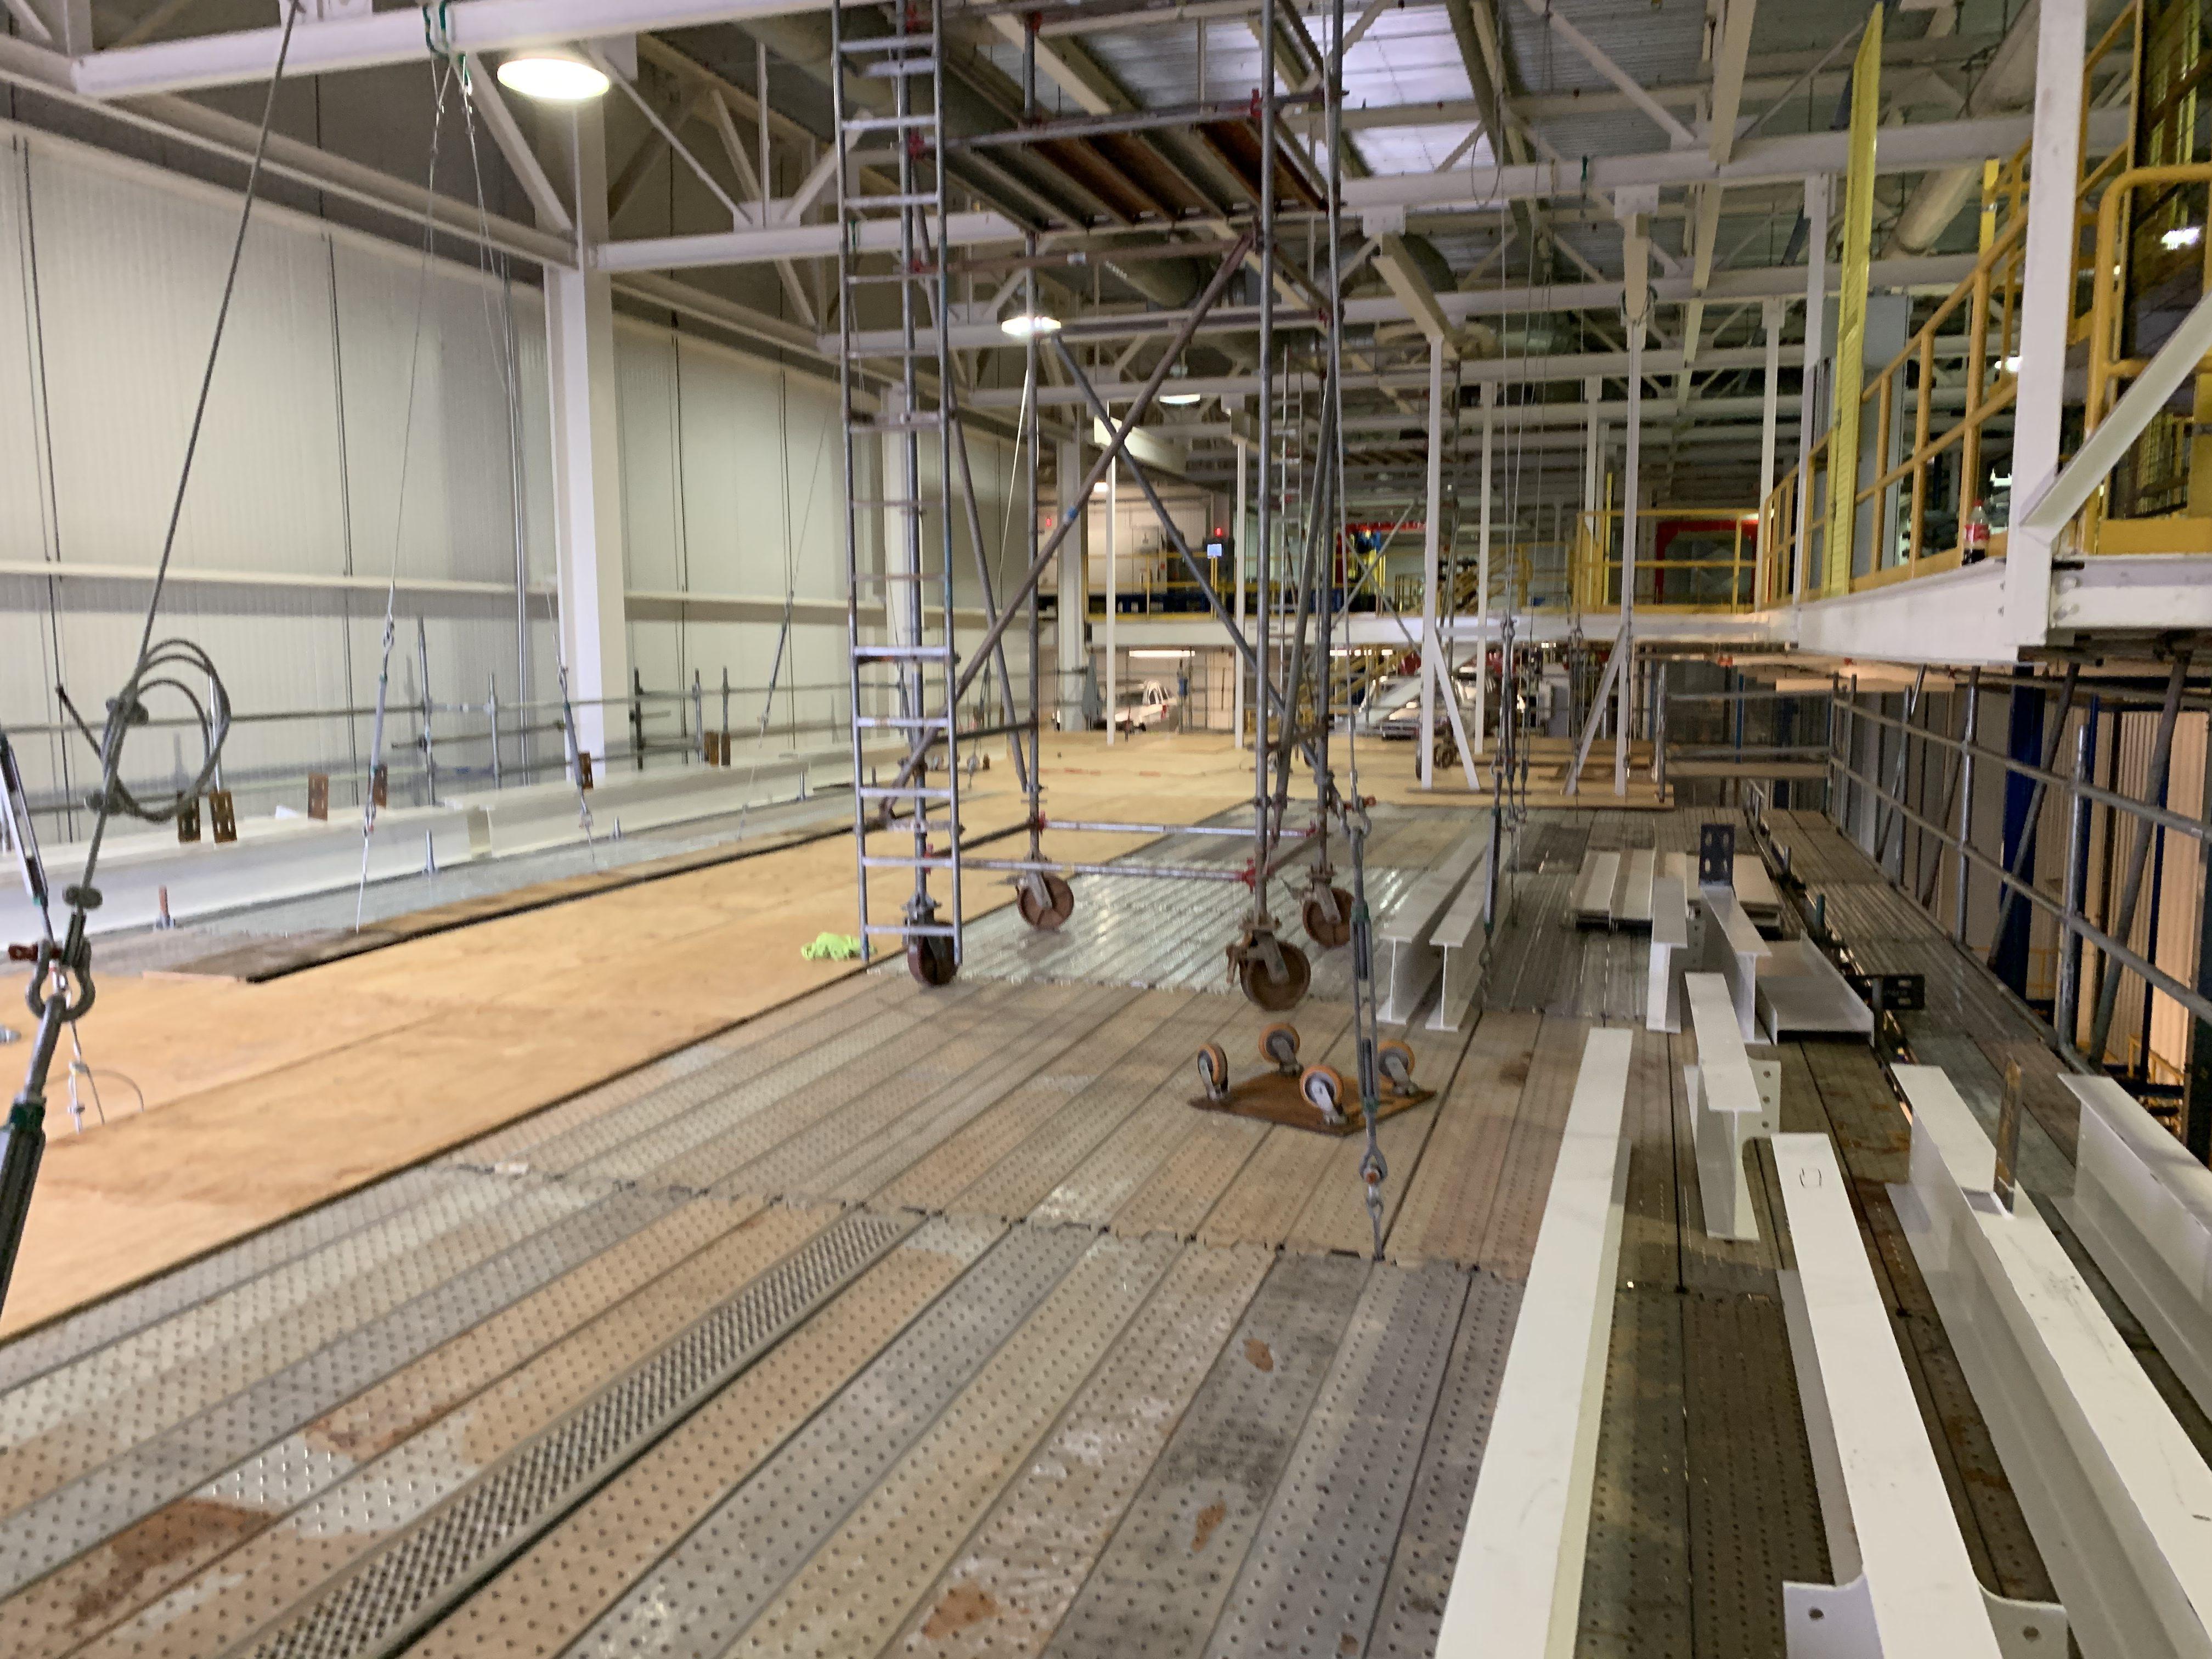 New Mezzanine in Industrial Plant scaffold